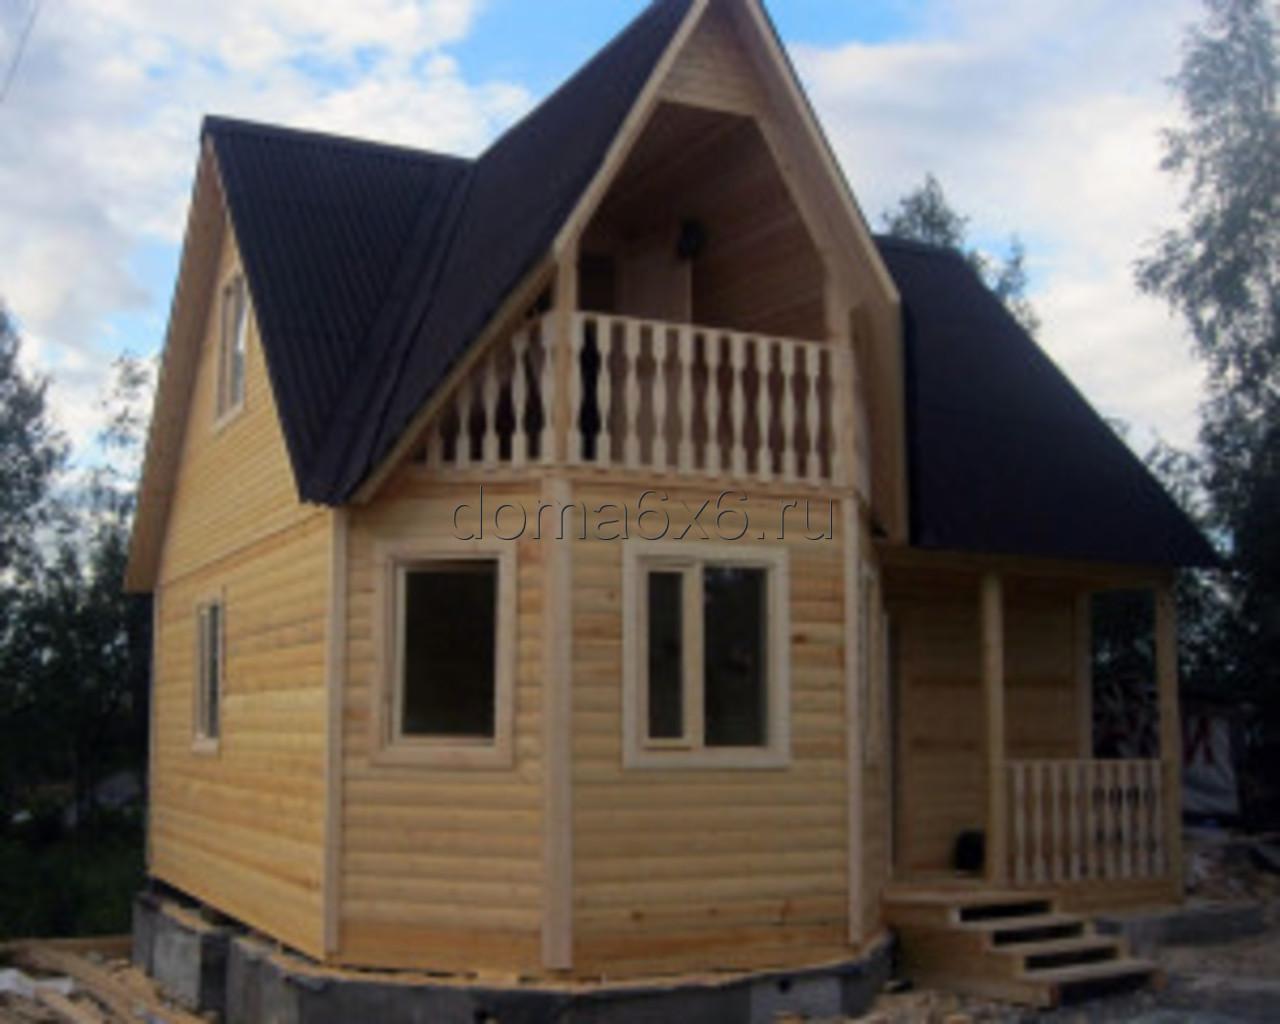 Строительство дома из бруса в Мурманске - 3